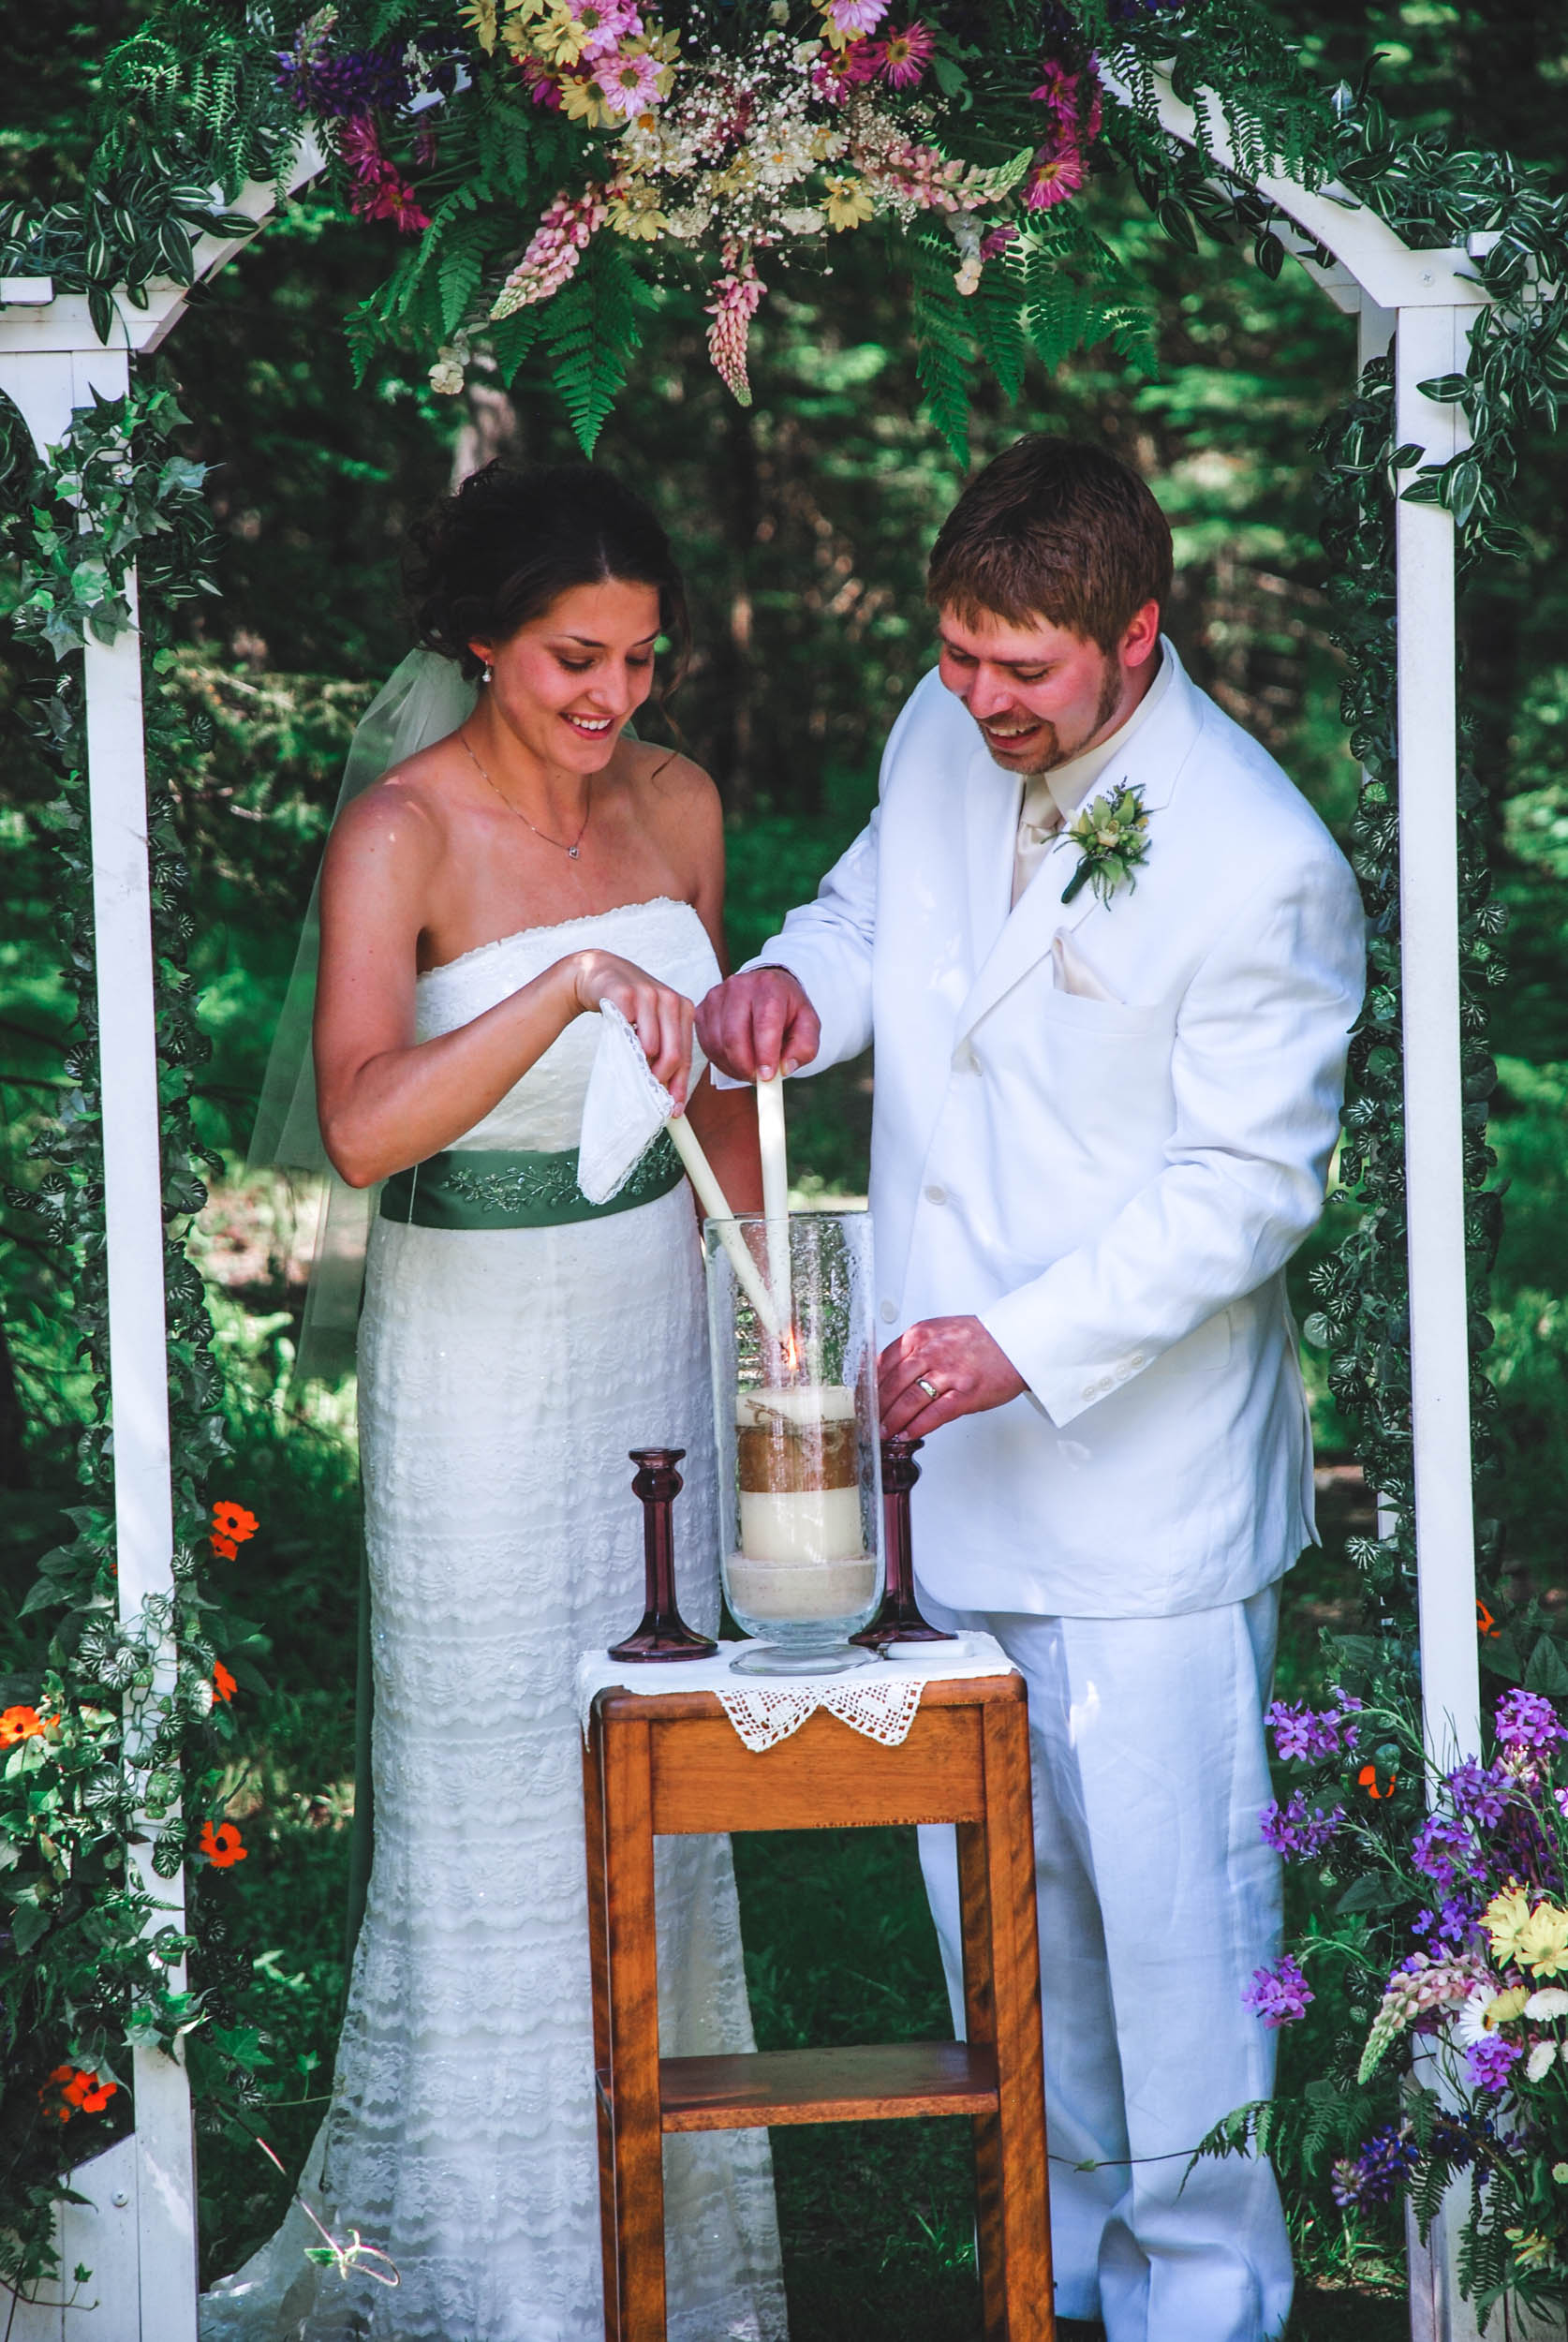 Backyard WI wedding unity candle